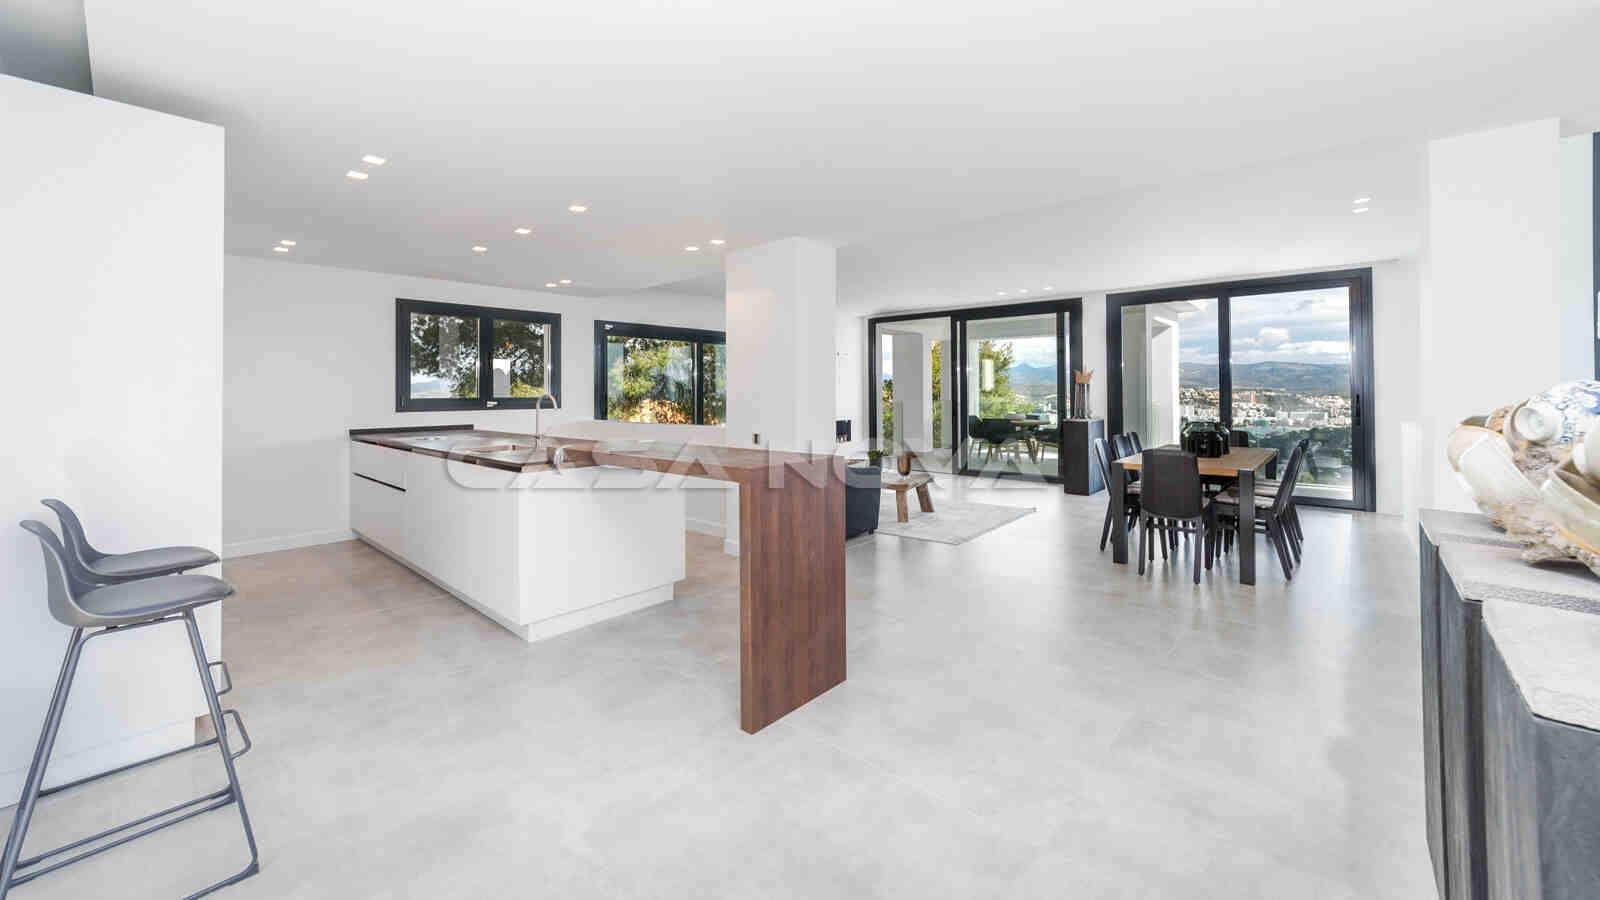 Ref. 2402254 - Großzügige Einbauküche mit moderner Ausstattung